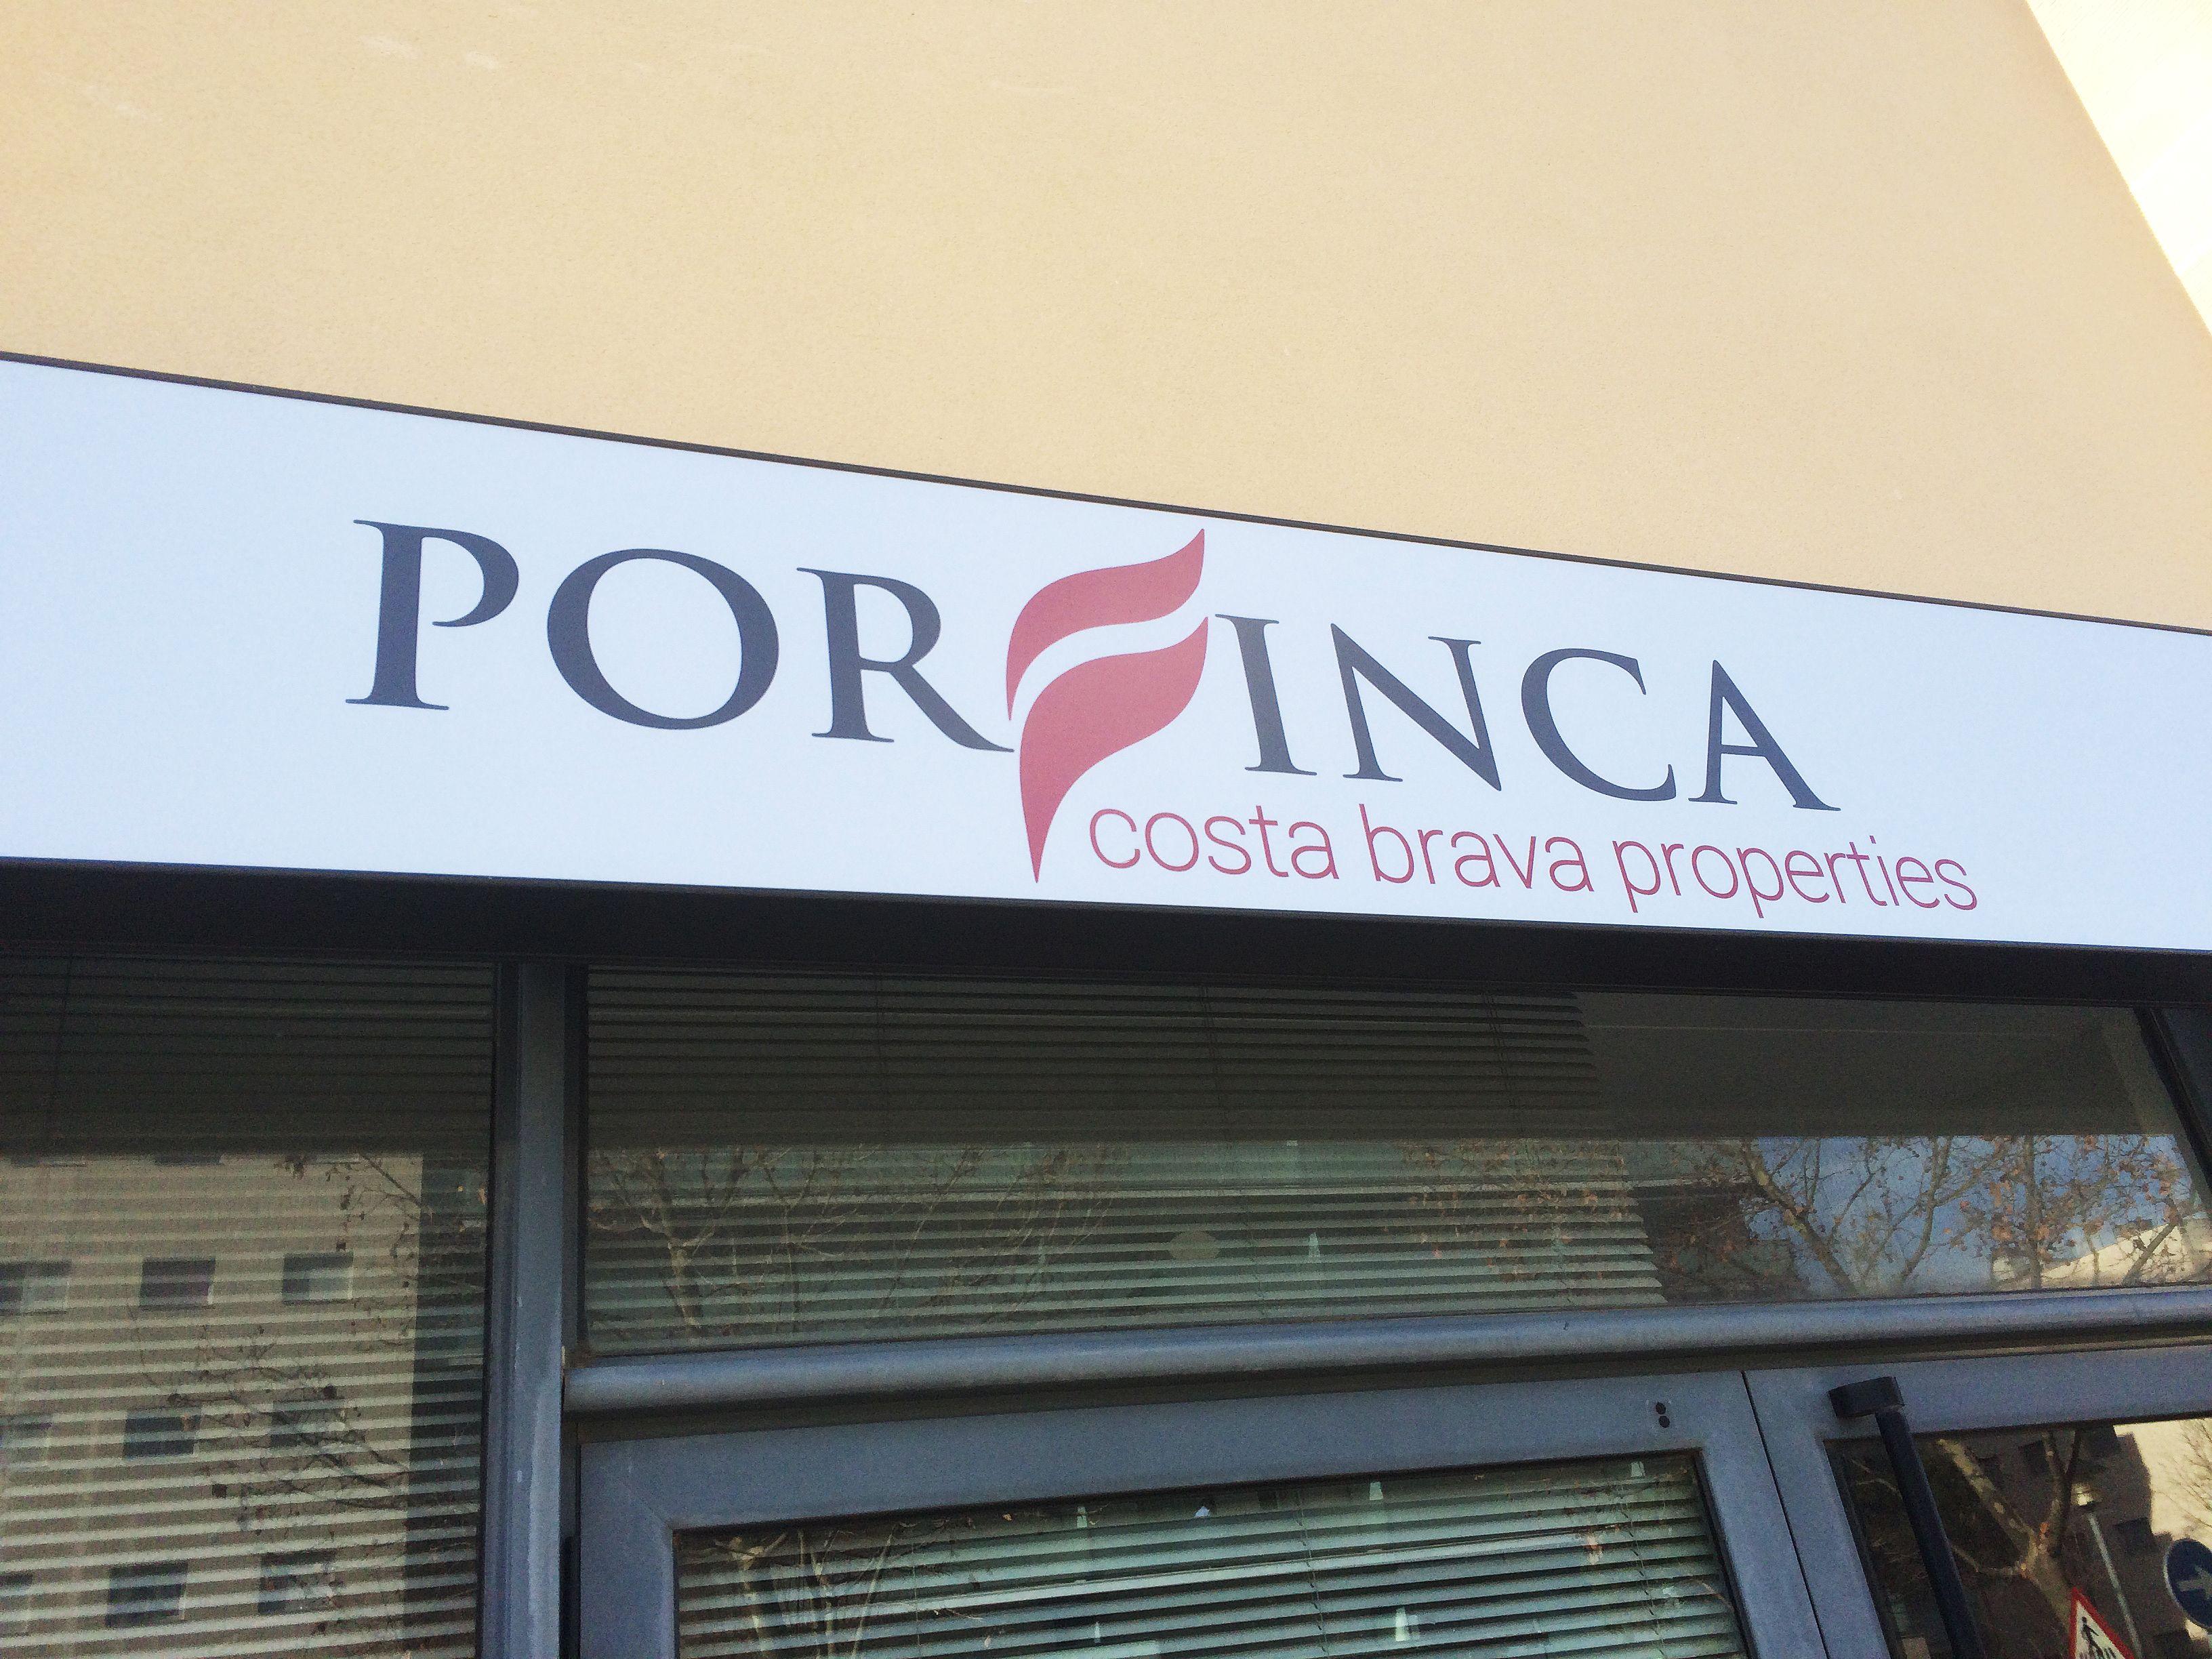 Nova #imatge #corporativa per Porfinca i #retolació del local